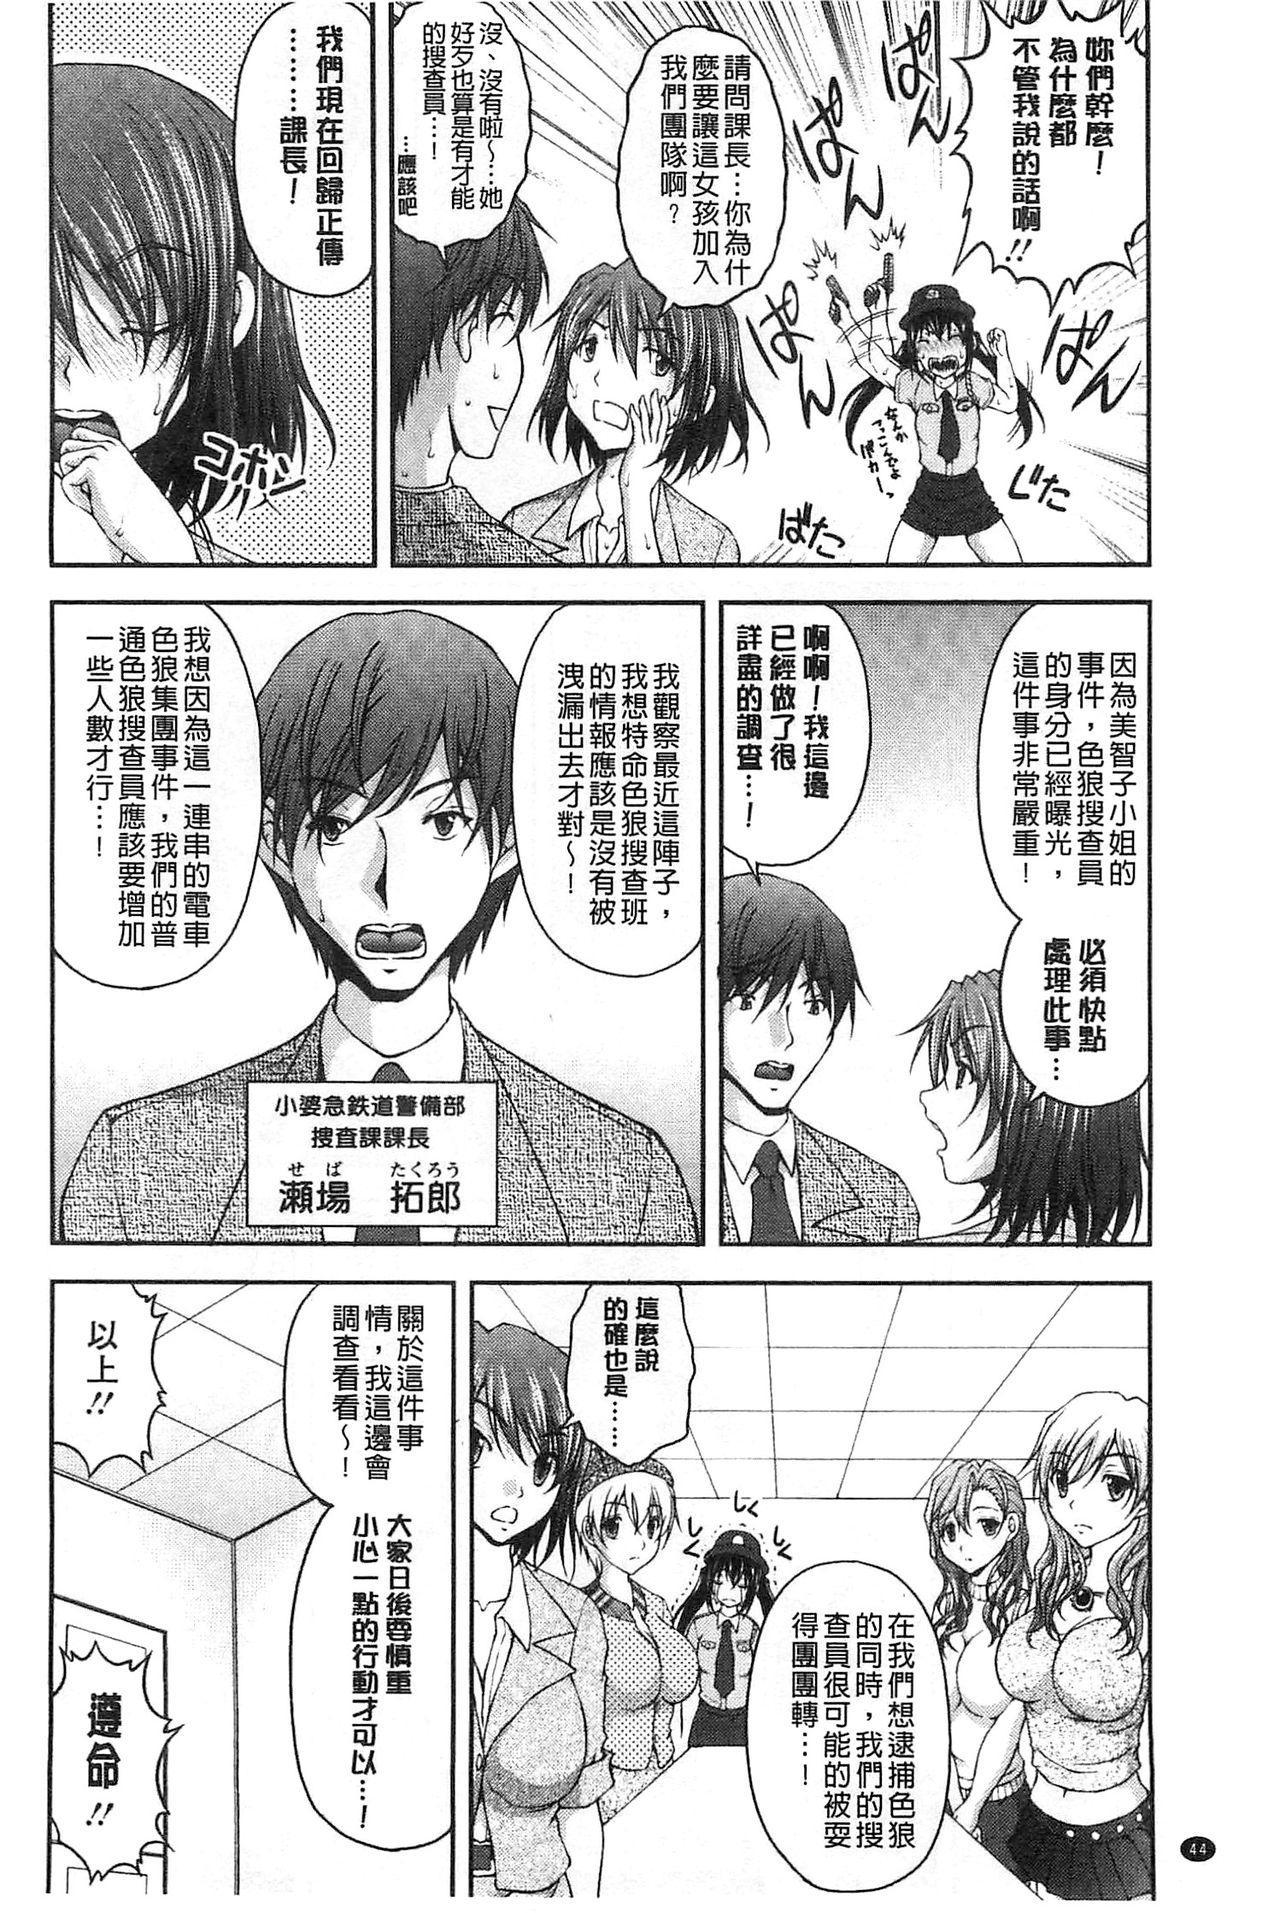 Tokumei Chikan Otori Sousahan | 特命痴漢誘捕的搜查班 50